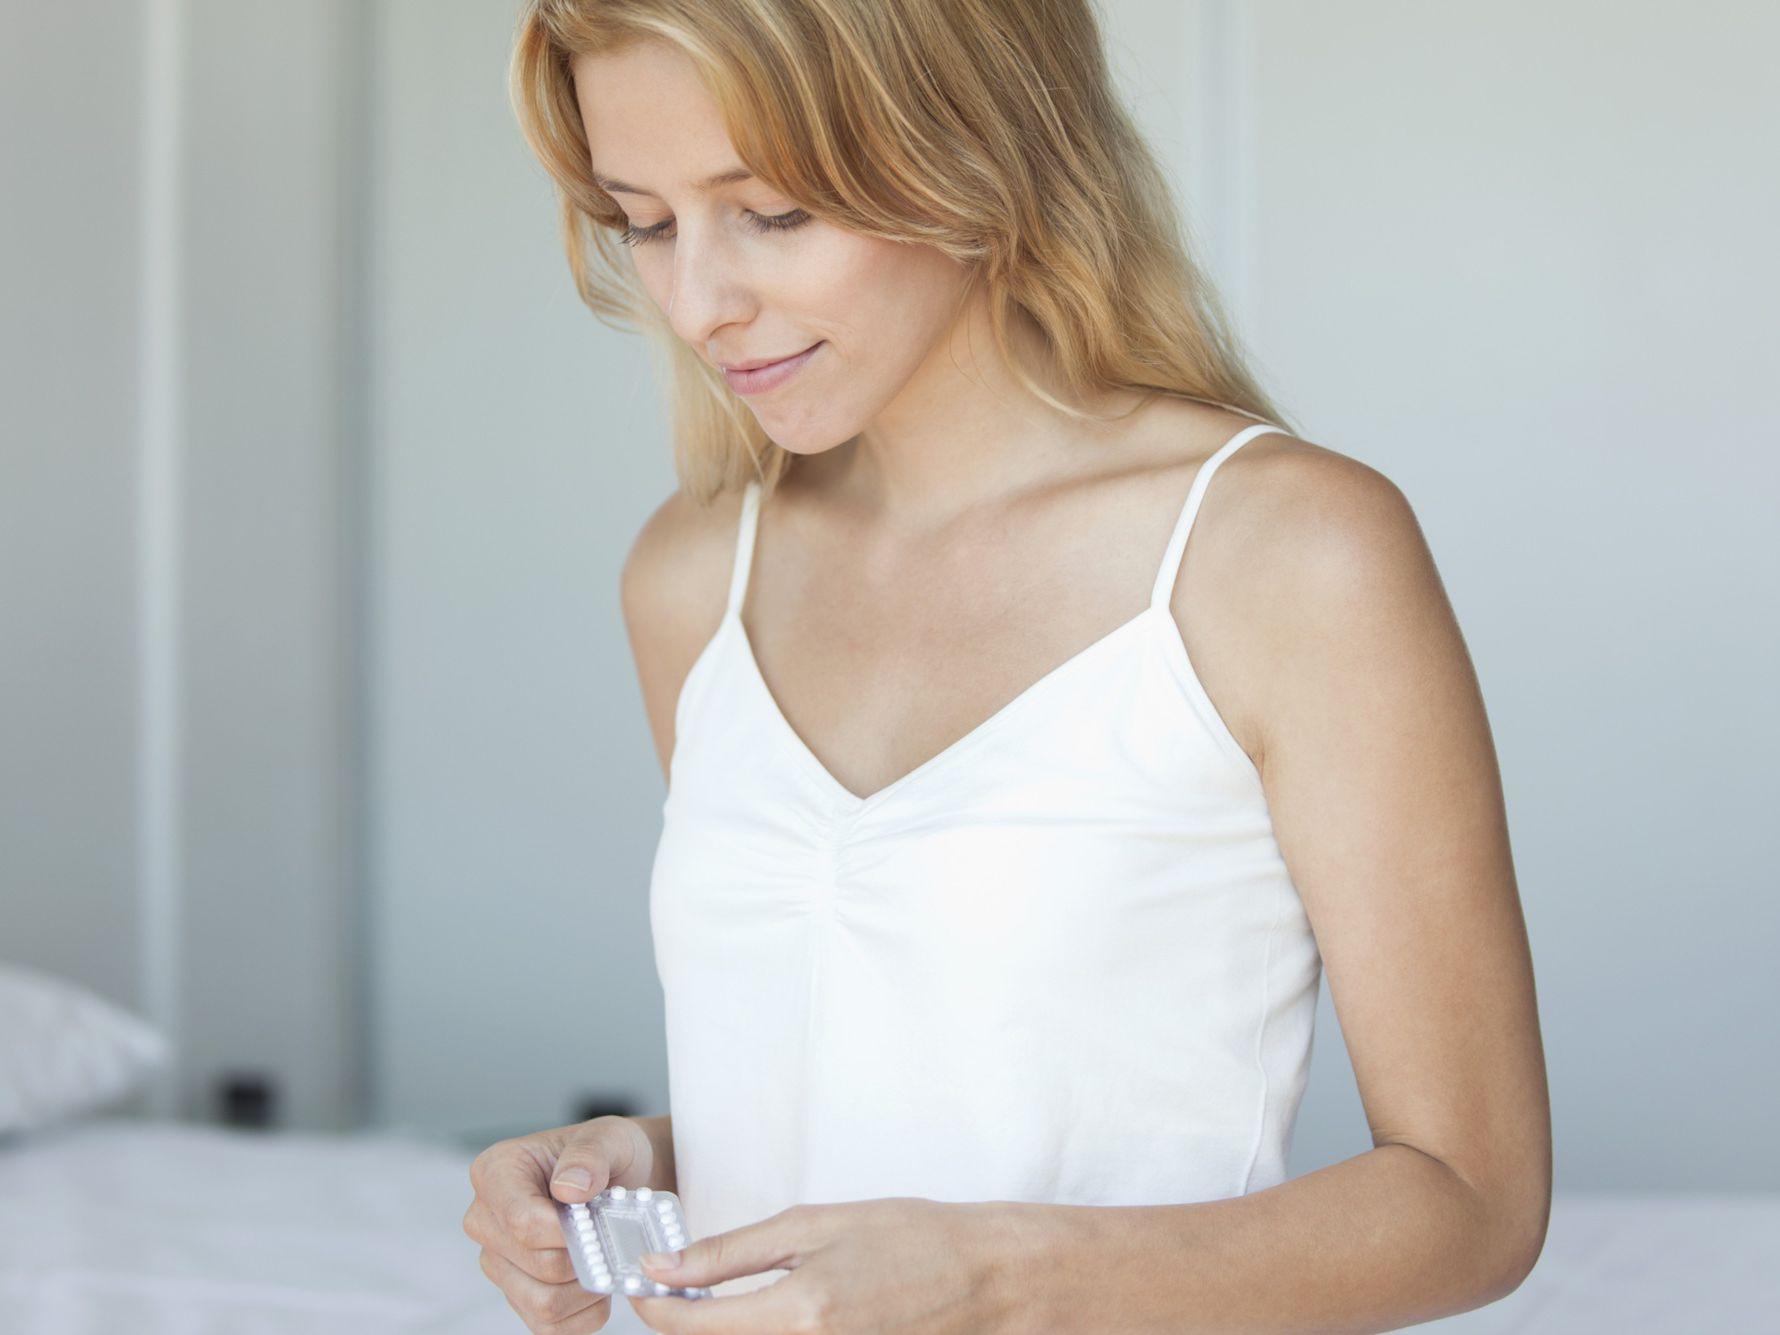 que hacer cuando se te pierde una pastilla anticonceptiva